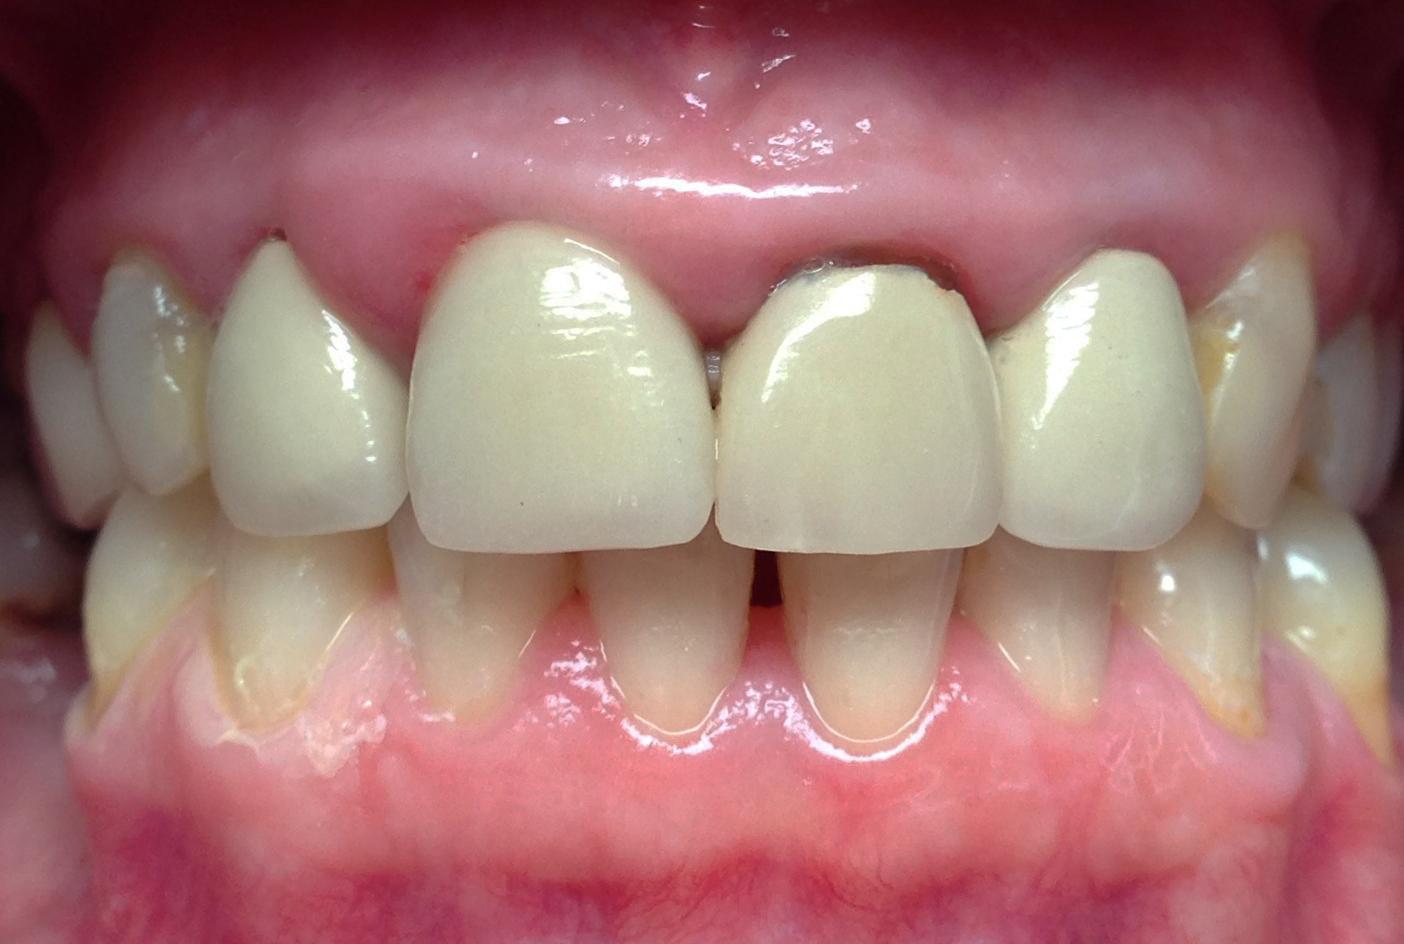 Du transitoire au définitif (Dr Dubois) parution technologie dentaire février 2016